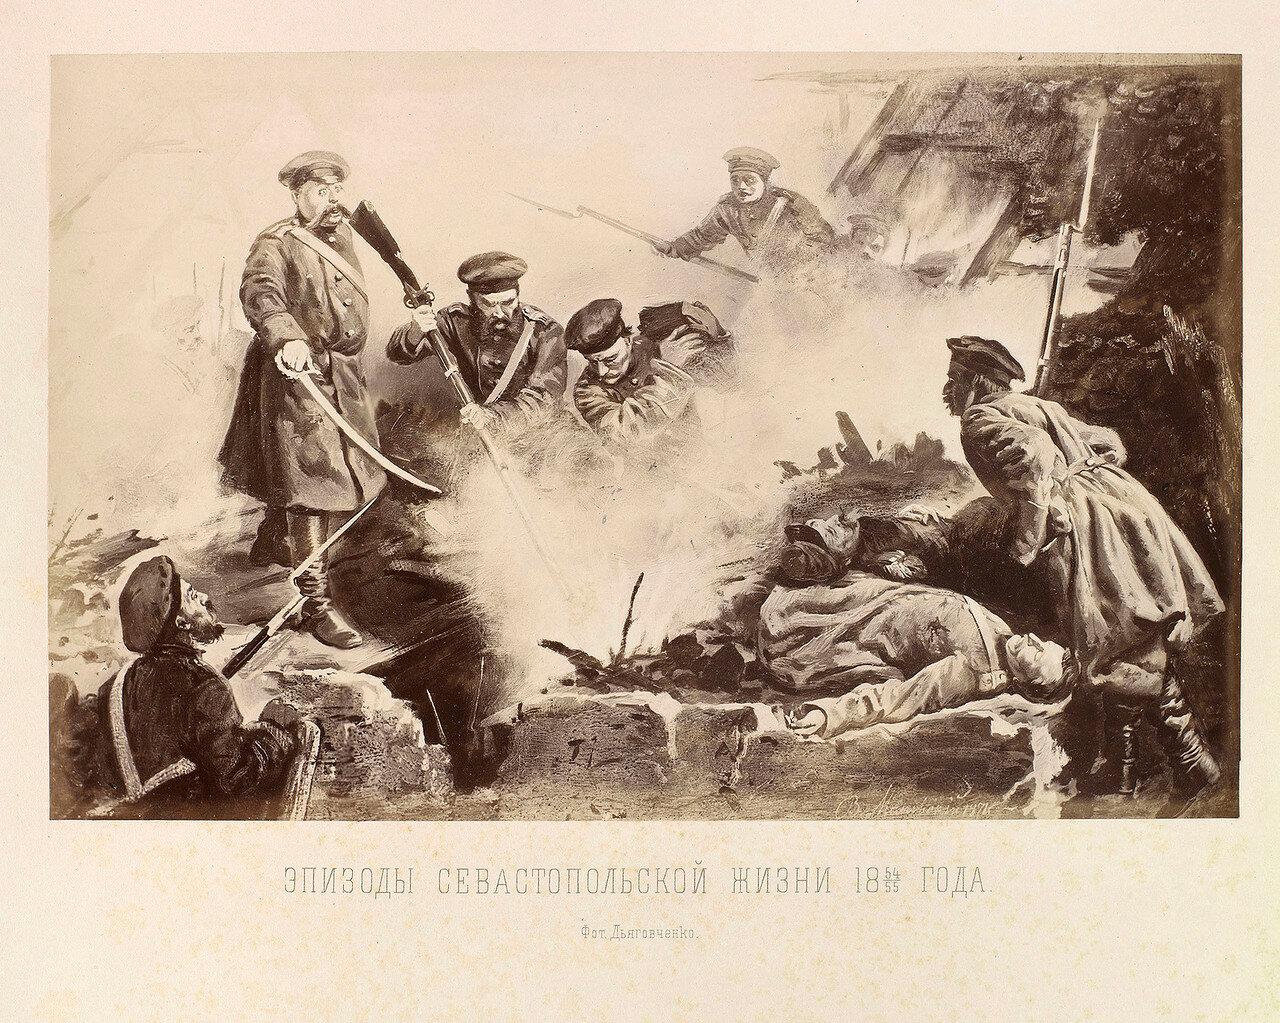 17. Сцена после штурма 6 июля